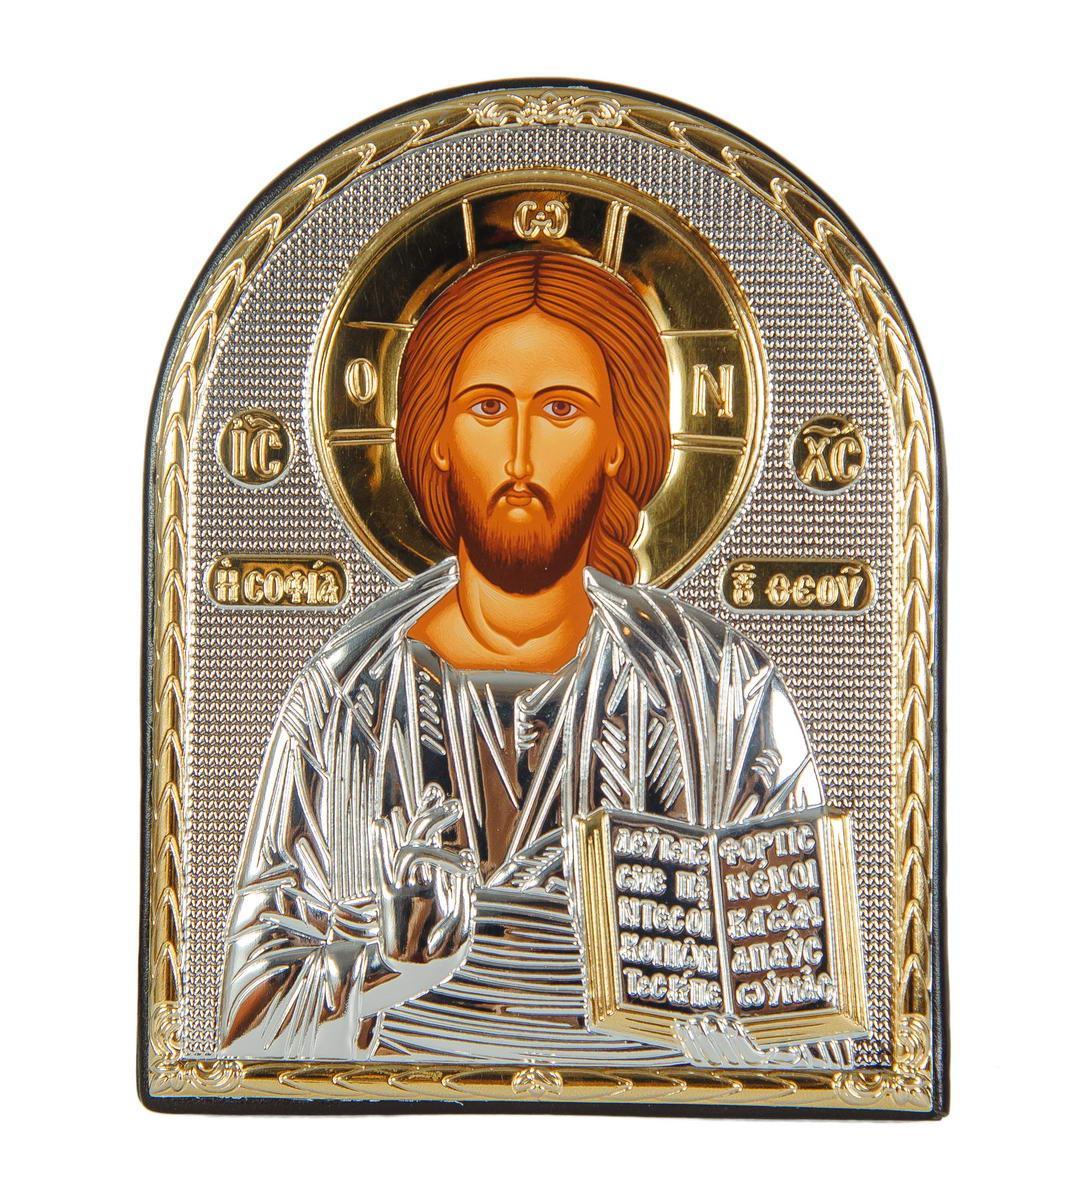 """Икона """"Спаситель"""" серебряный оклад в кожаной оправе 165х215мм"""